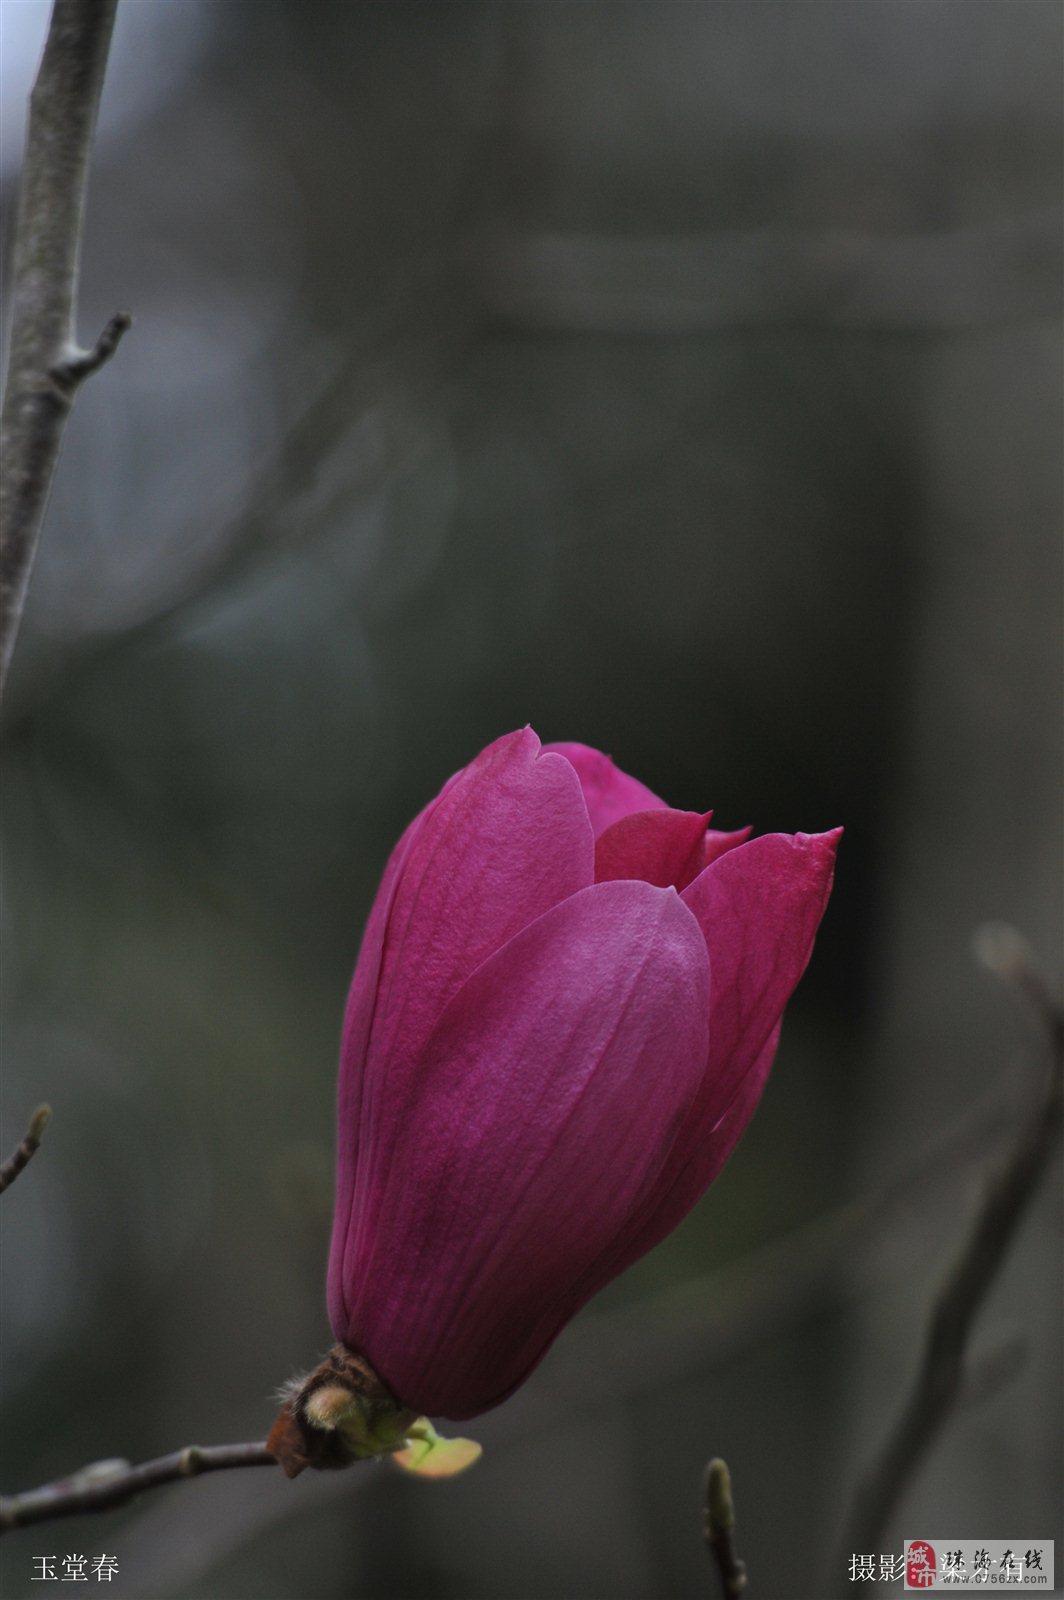 《花》你若盛开,蝴蝶自来――――摄于珠海度假村酒店园内